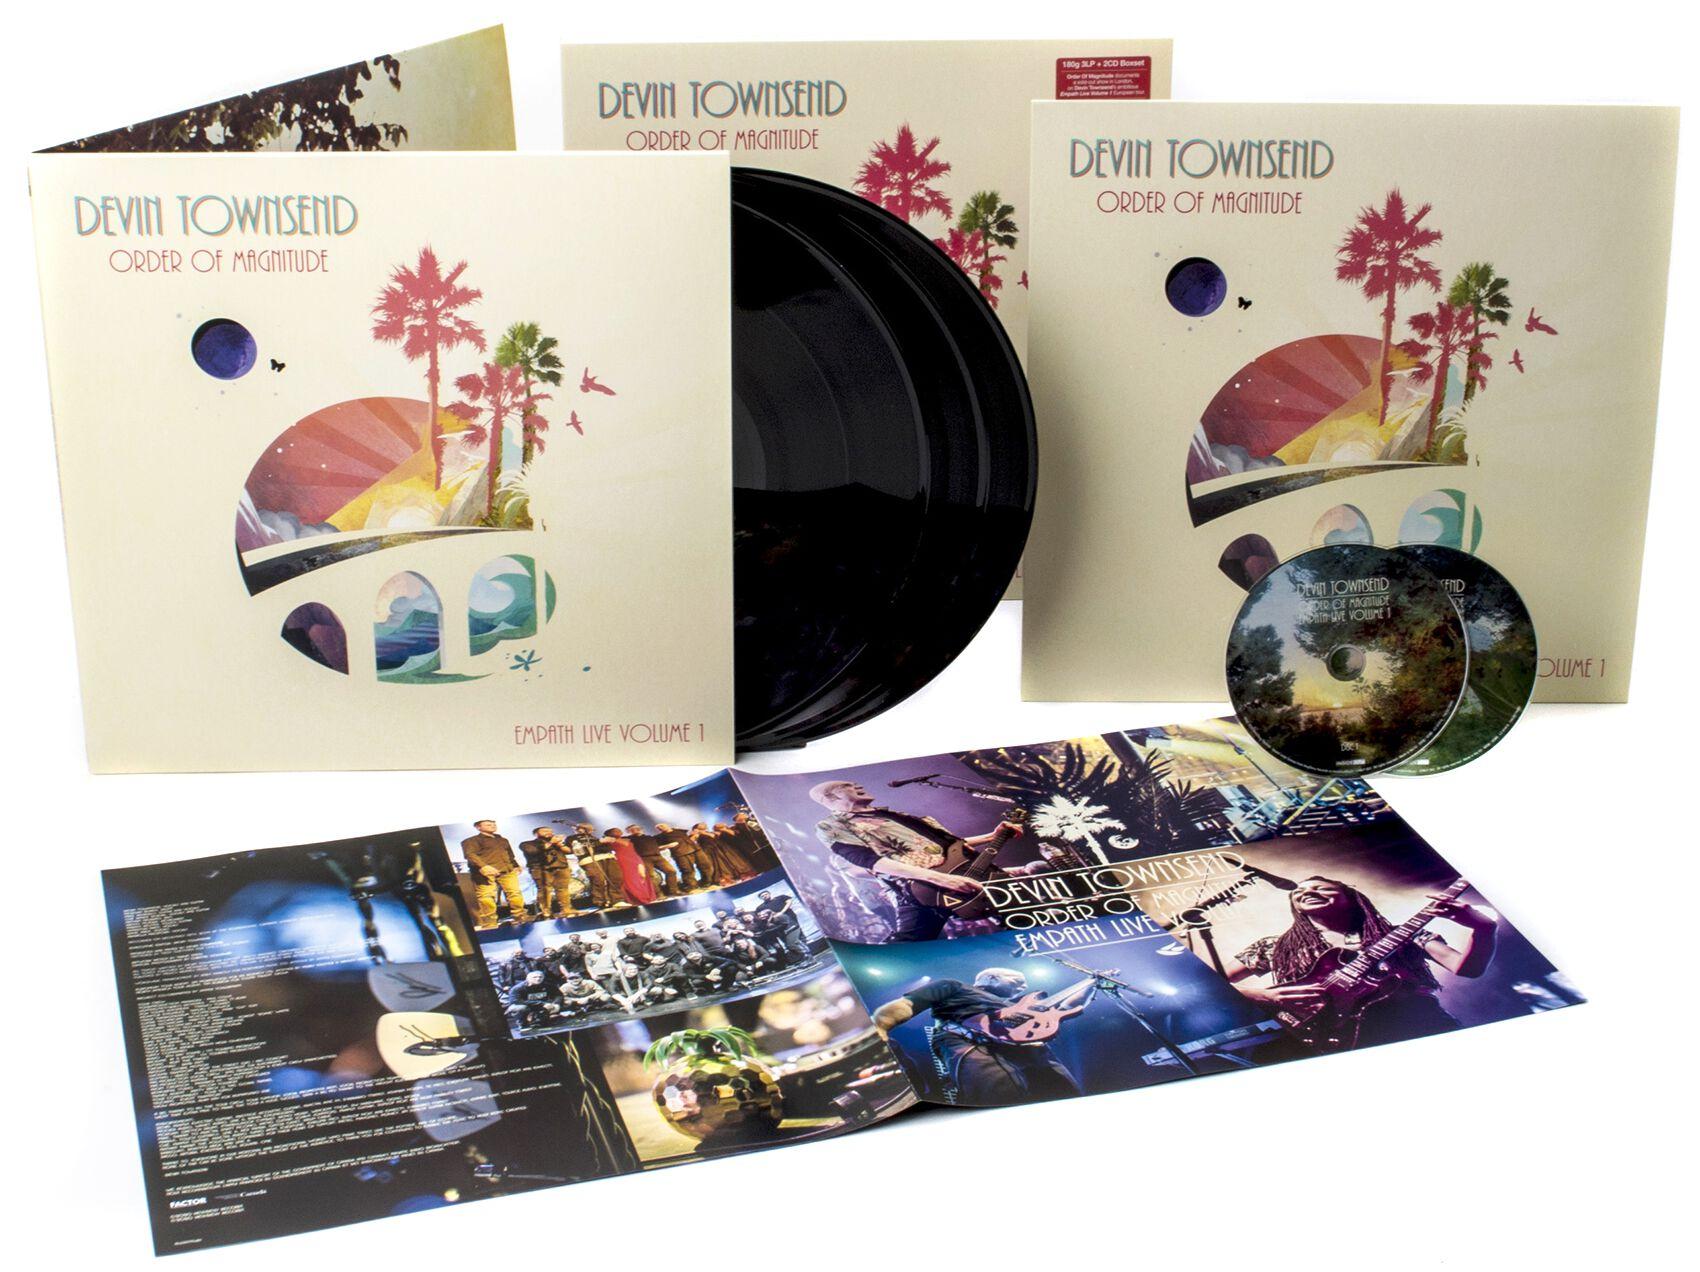 Image of Devin Townsend Order of magnitude - Empath Live Volume 1 3-LP & 2-CD Standard